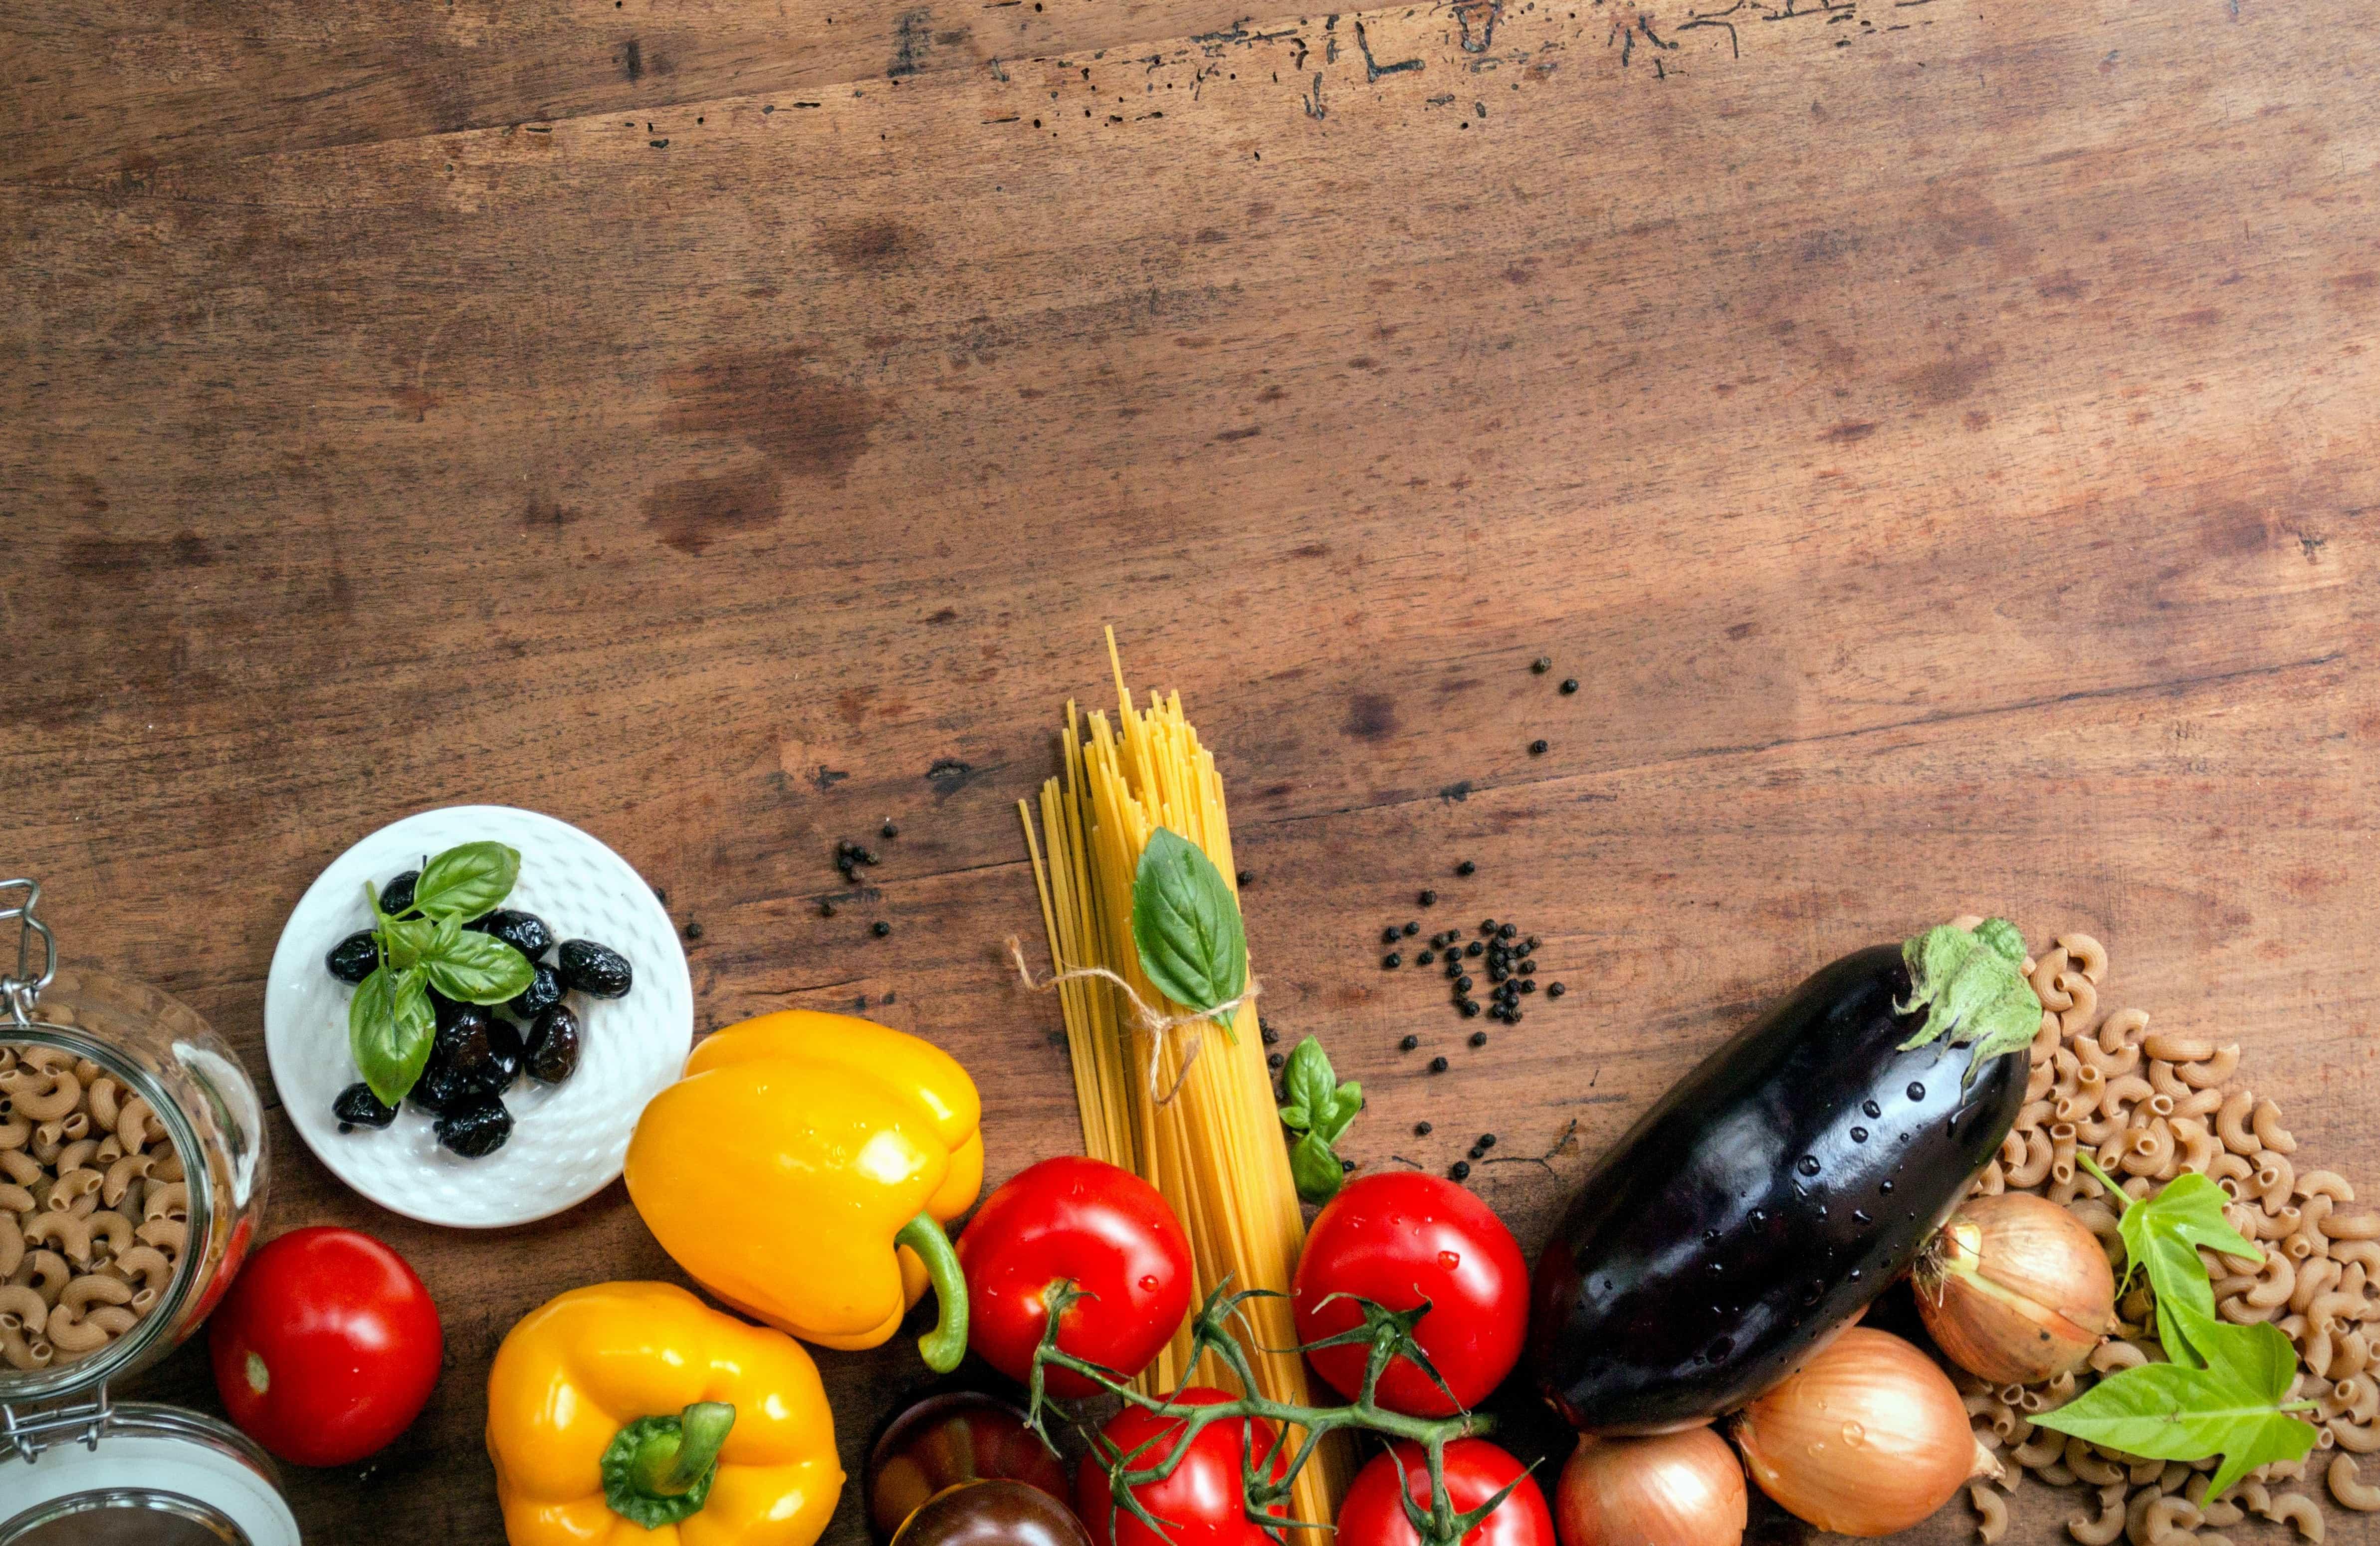 Kostenlose Bild: Gemüse, Paprika, aus Holz, Knoblauch